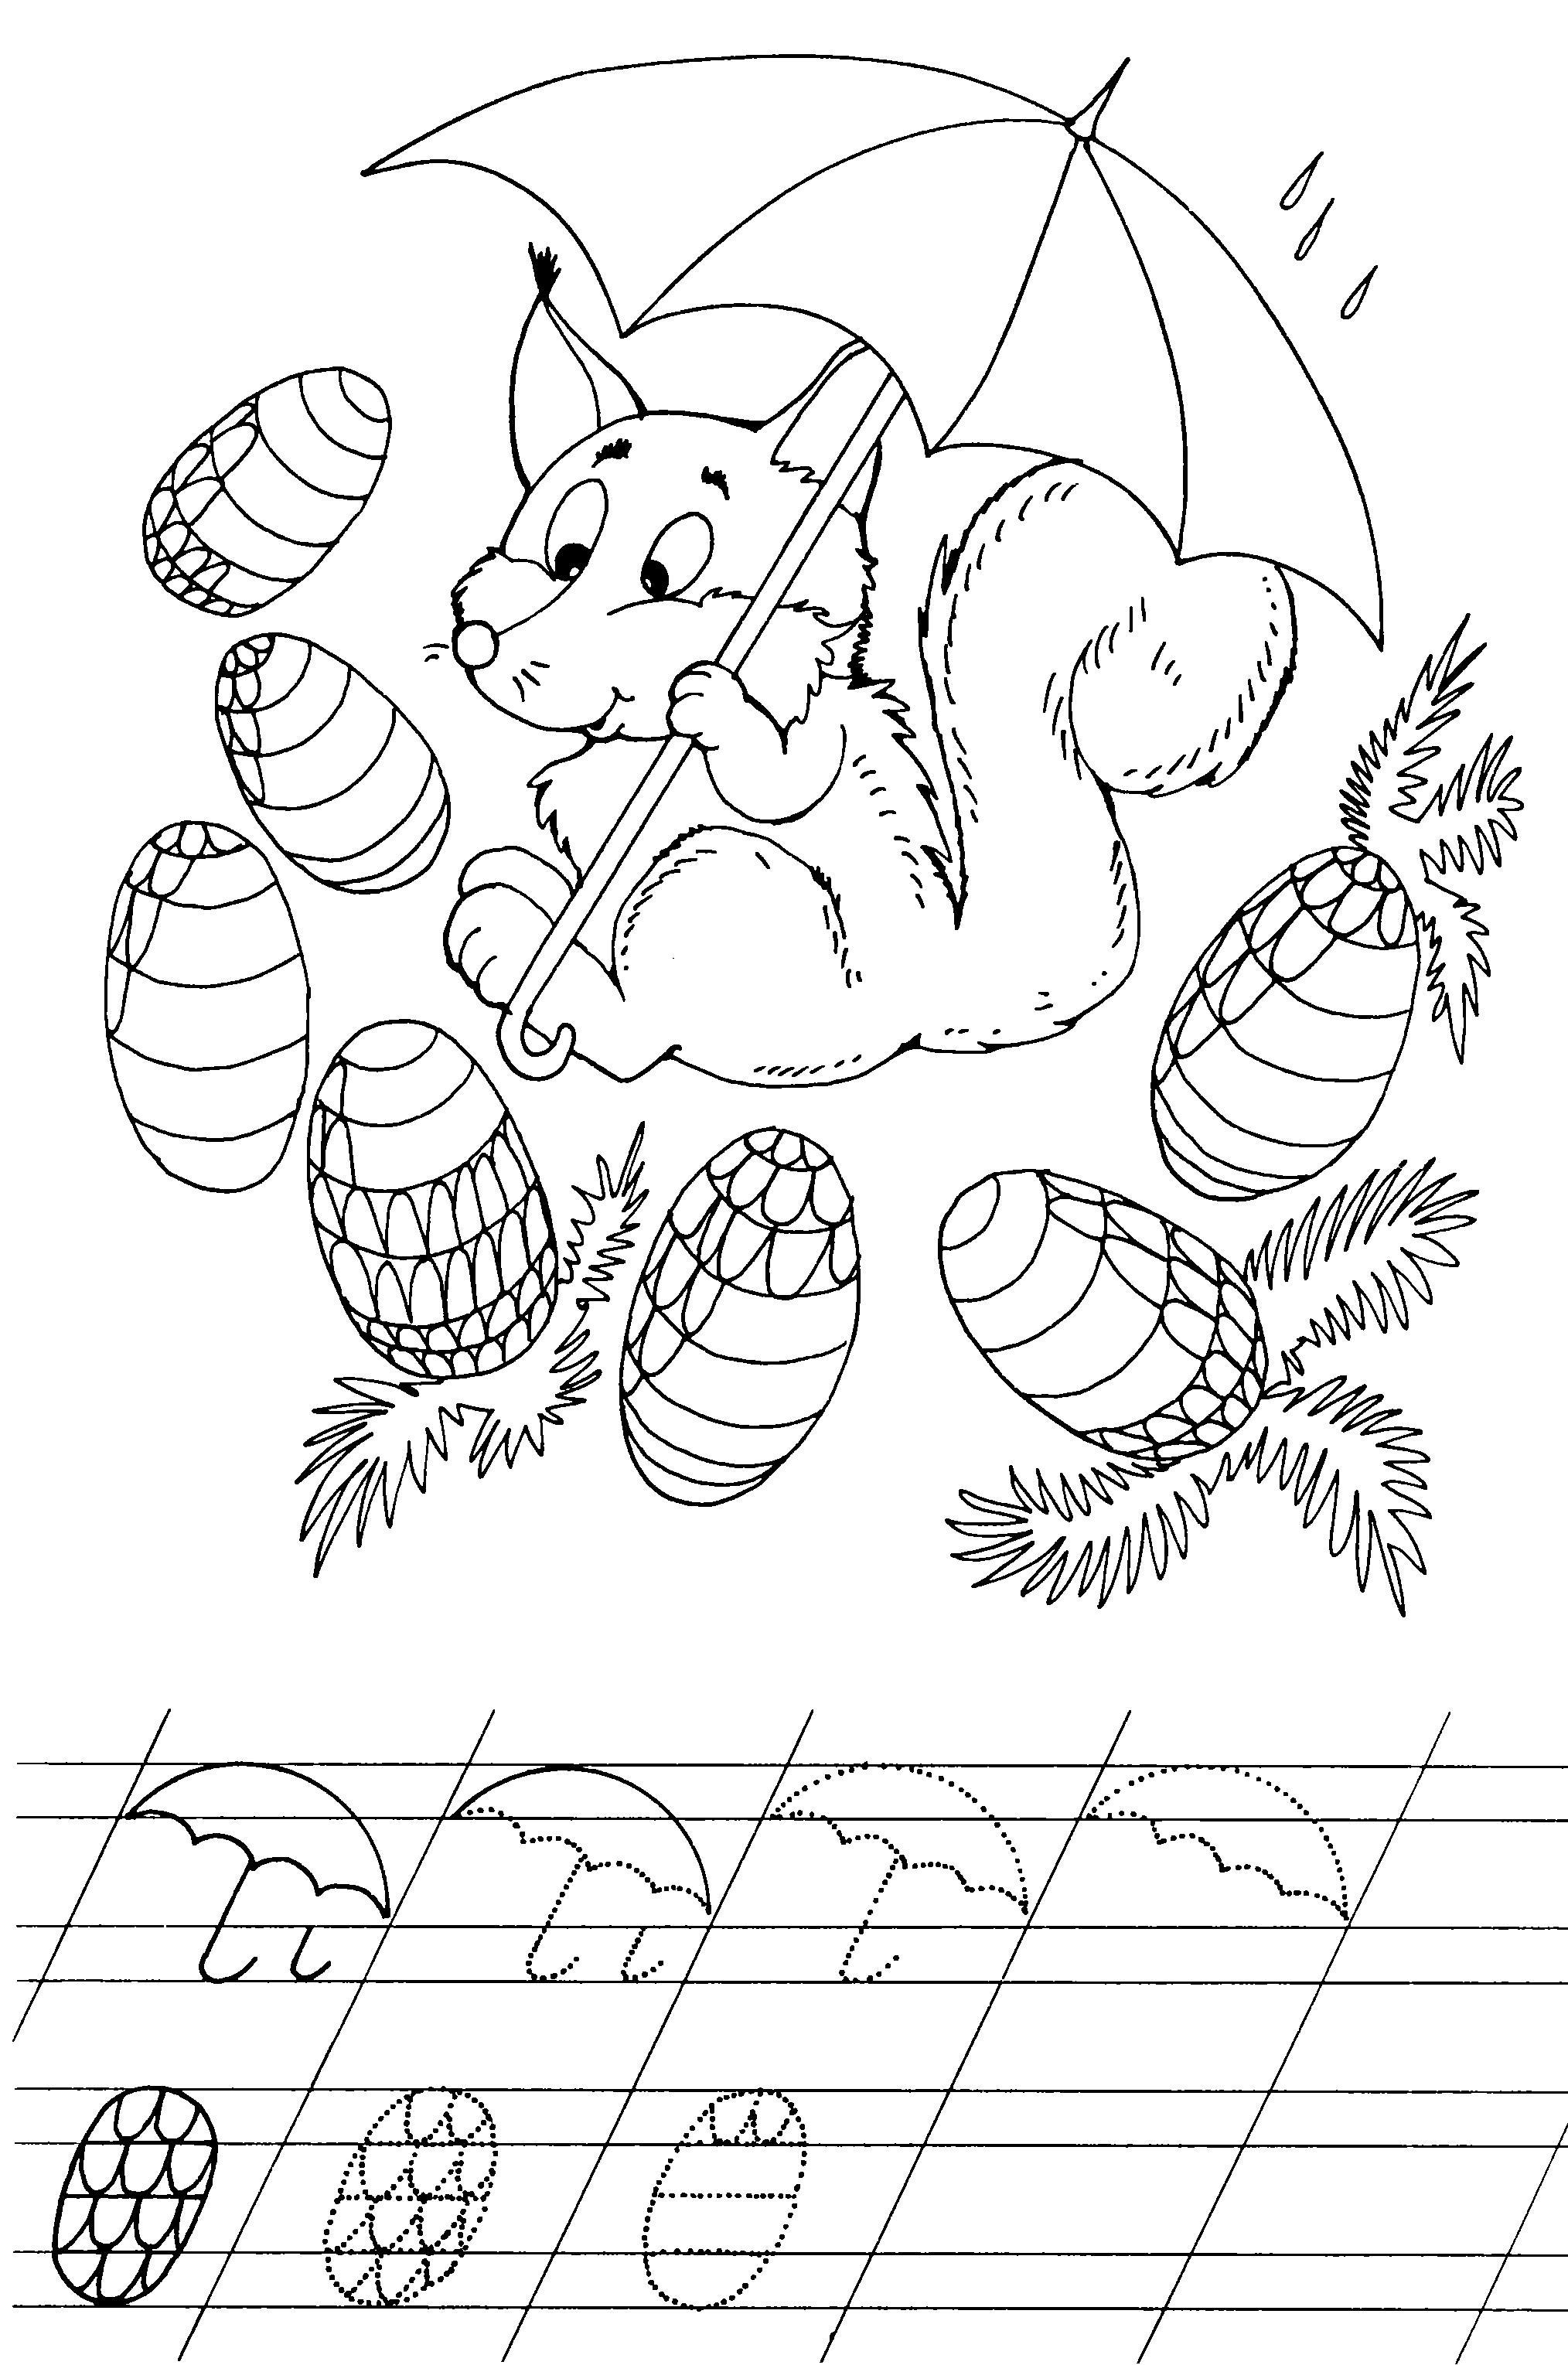 Прописи для самых маленьких, раскраска белочка с шишками